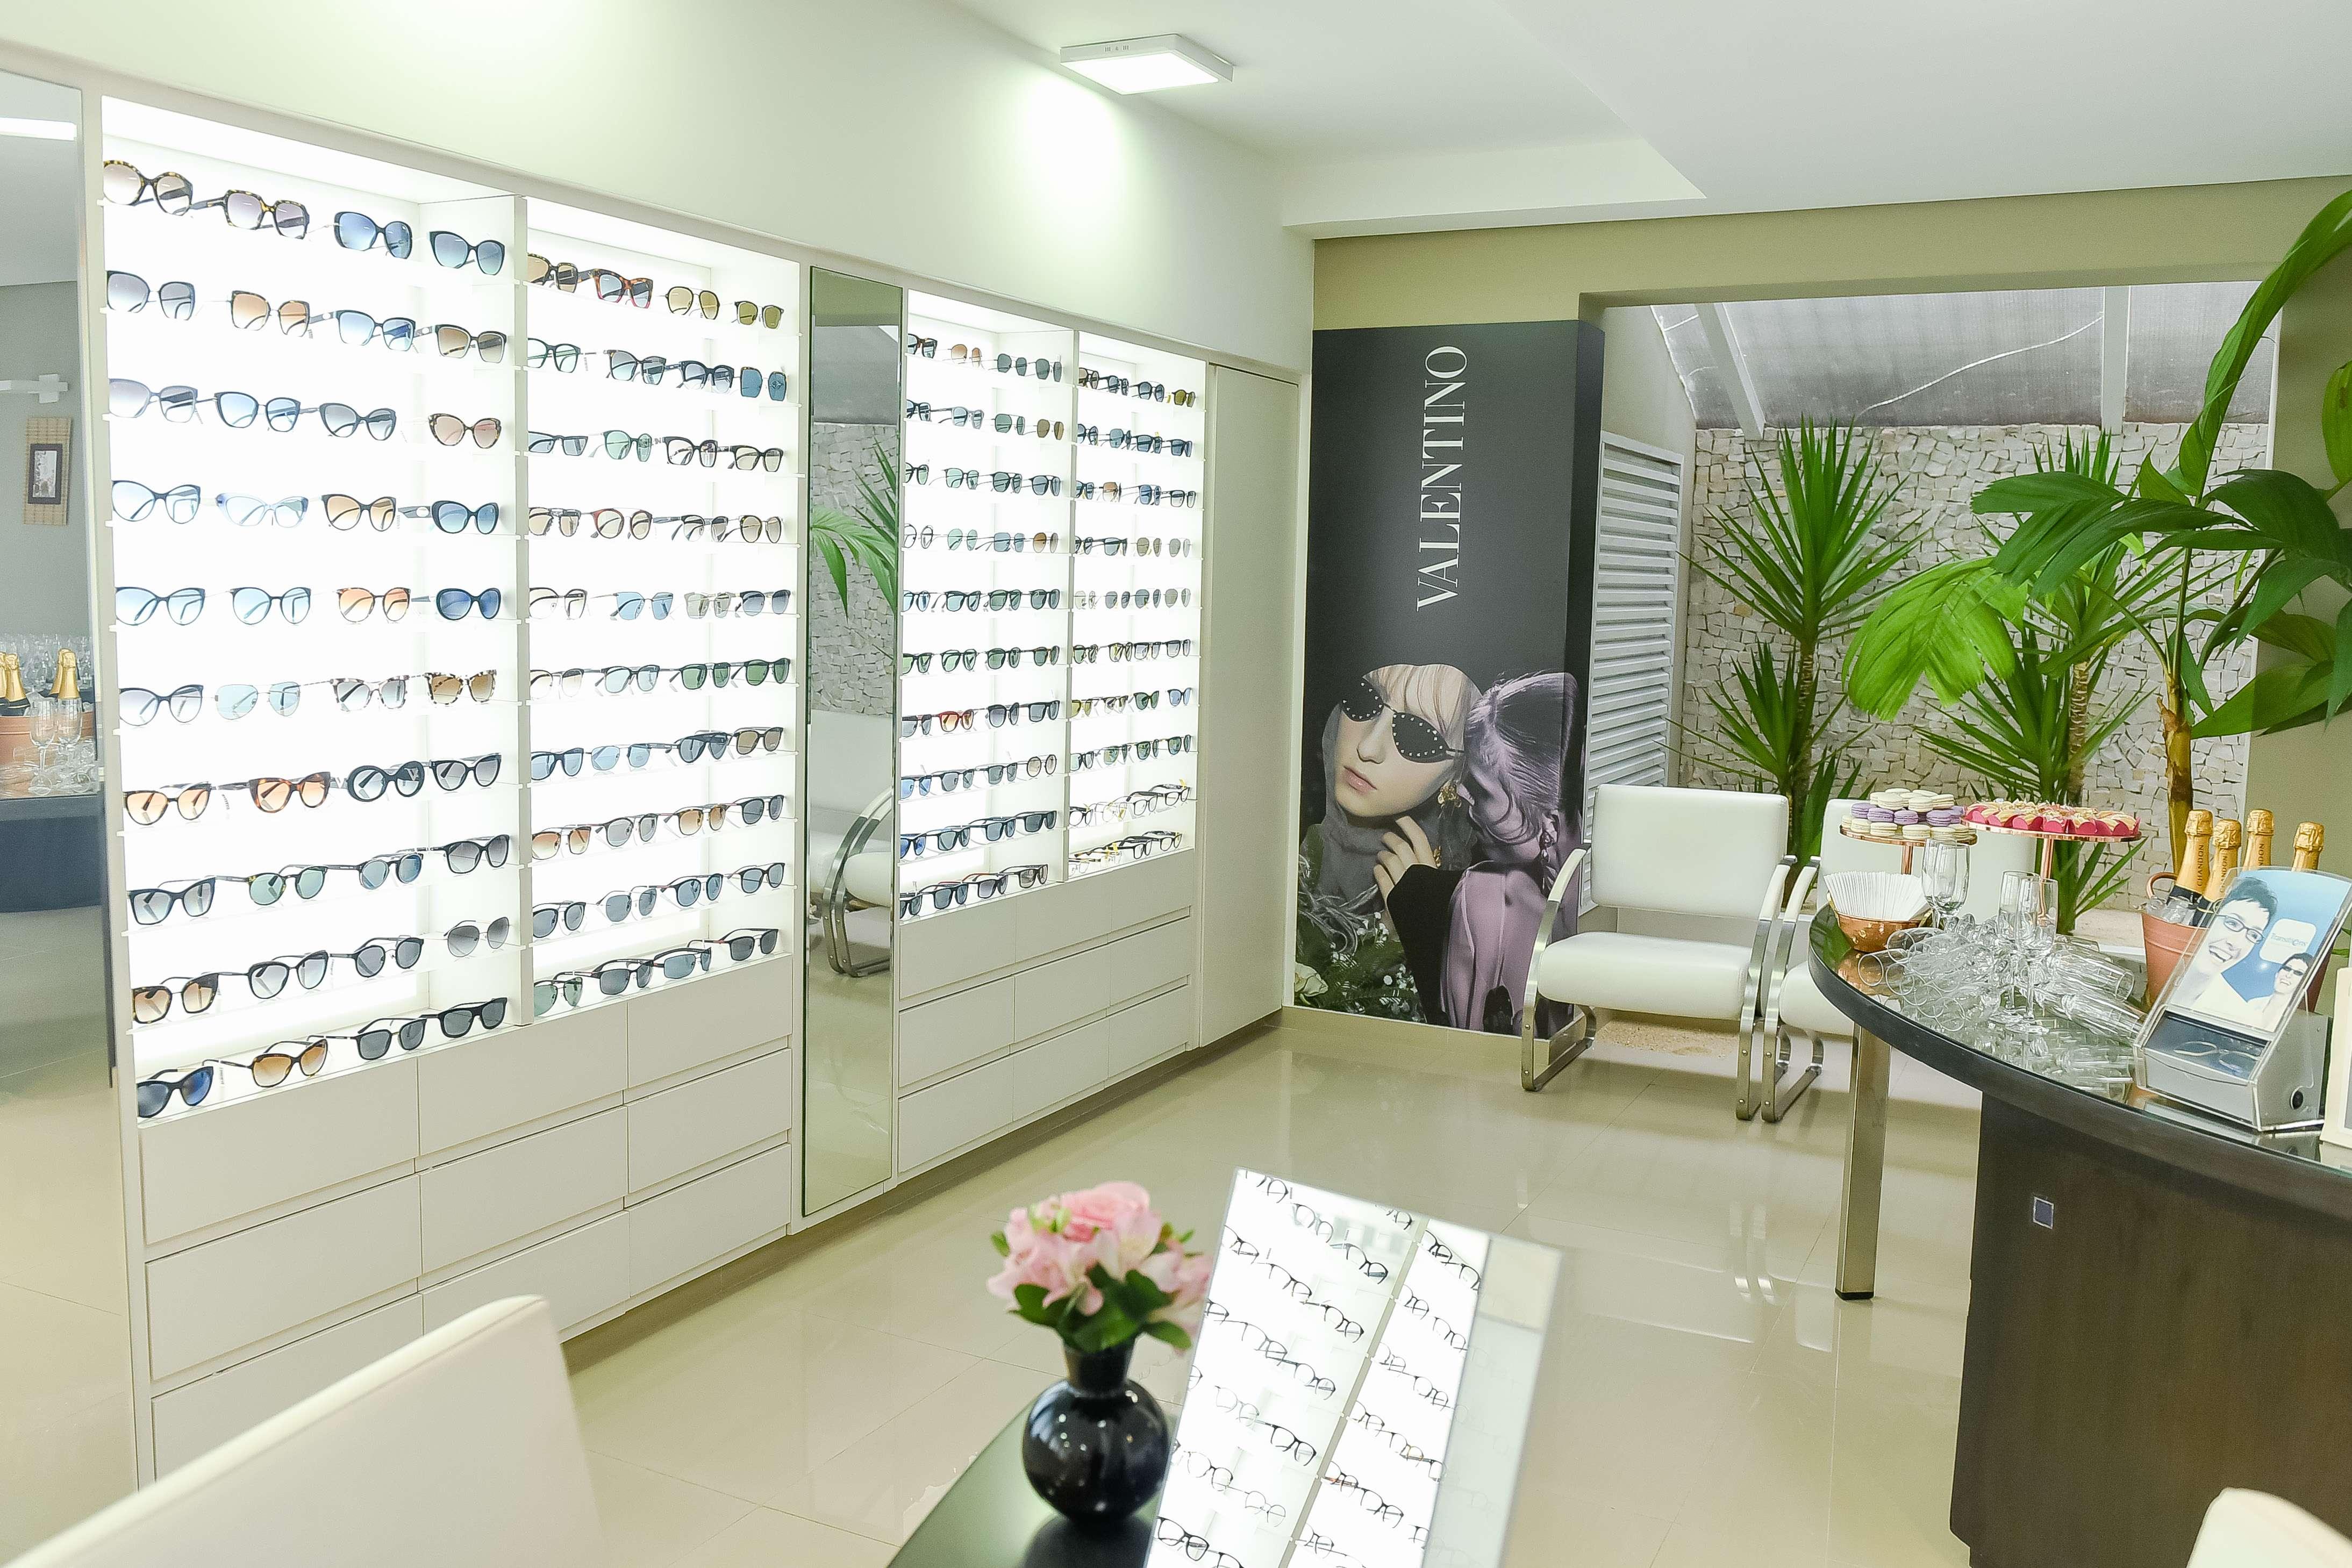 Nova coleção de óculos da Valentino